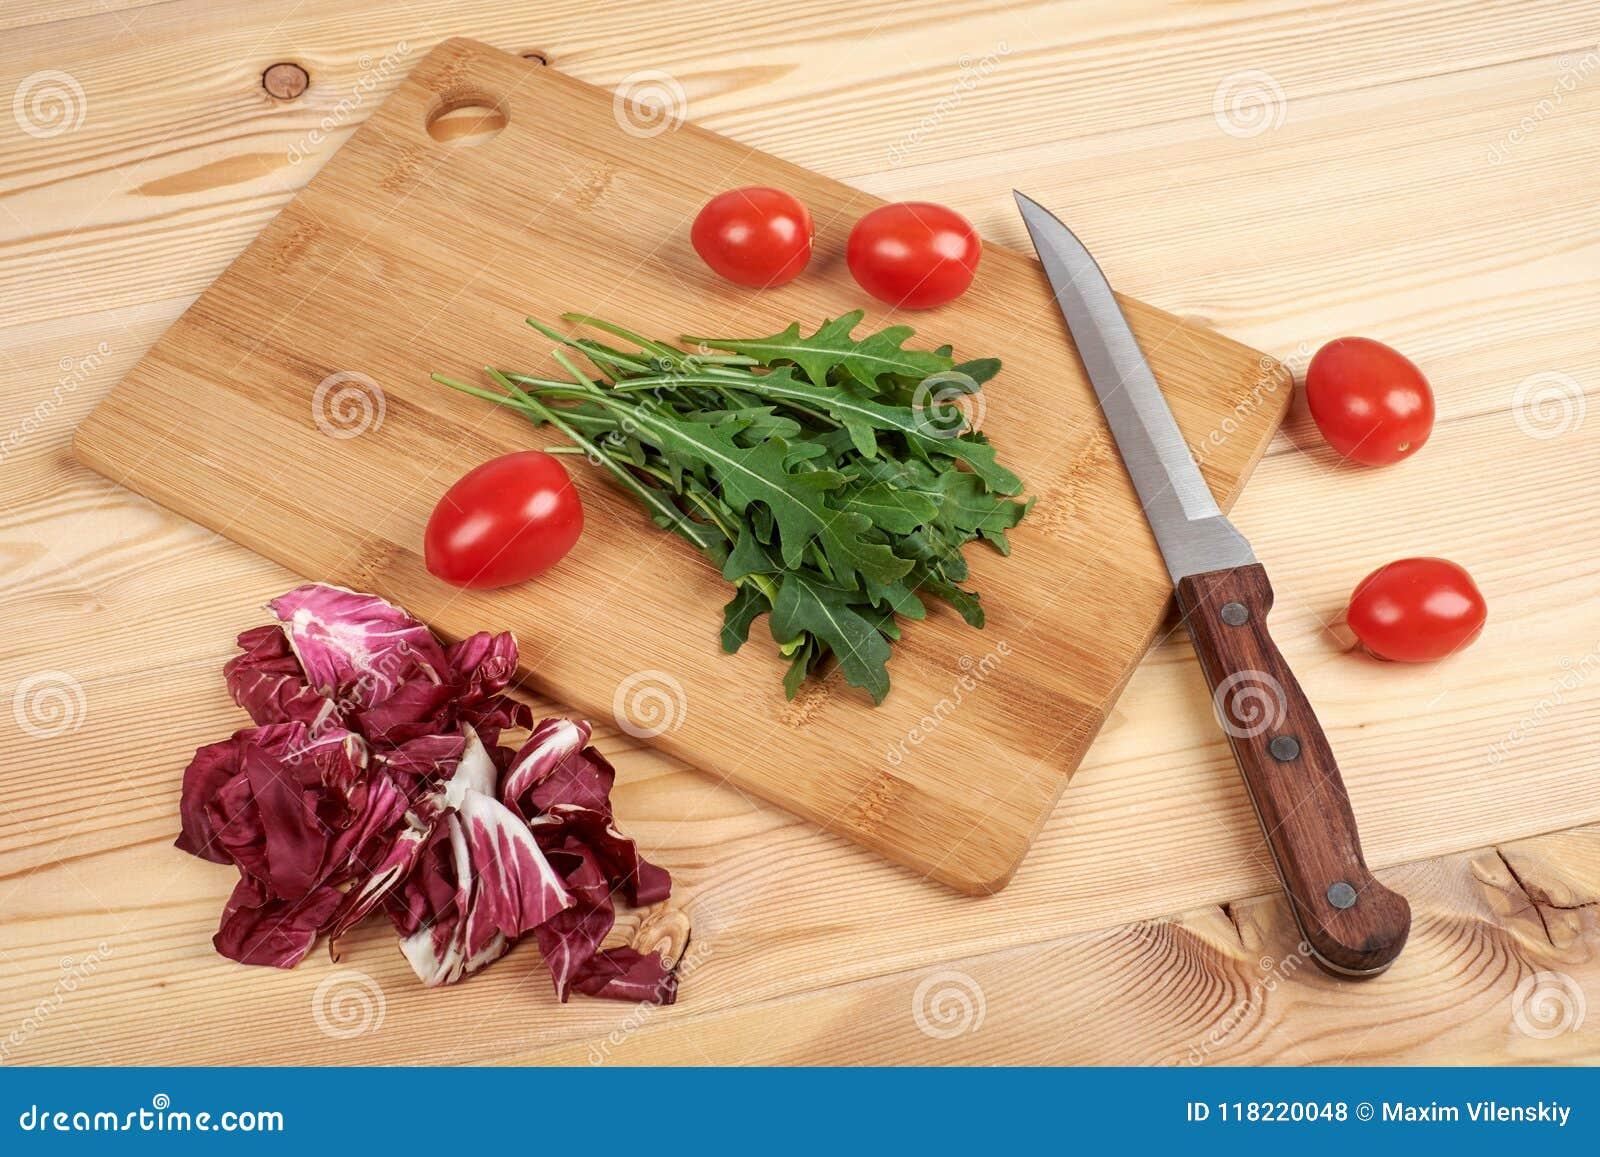 O vegetal e a salada ajustaram-se para um estilo de vida dietético saudável em uma placa de corte